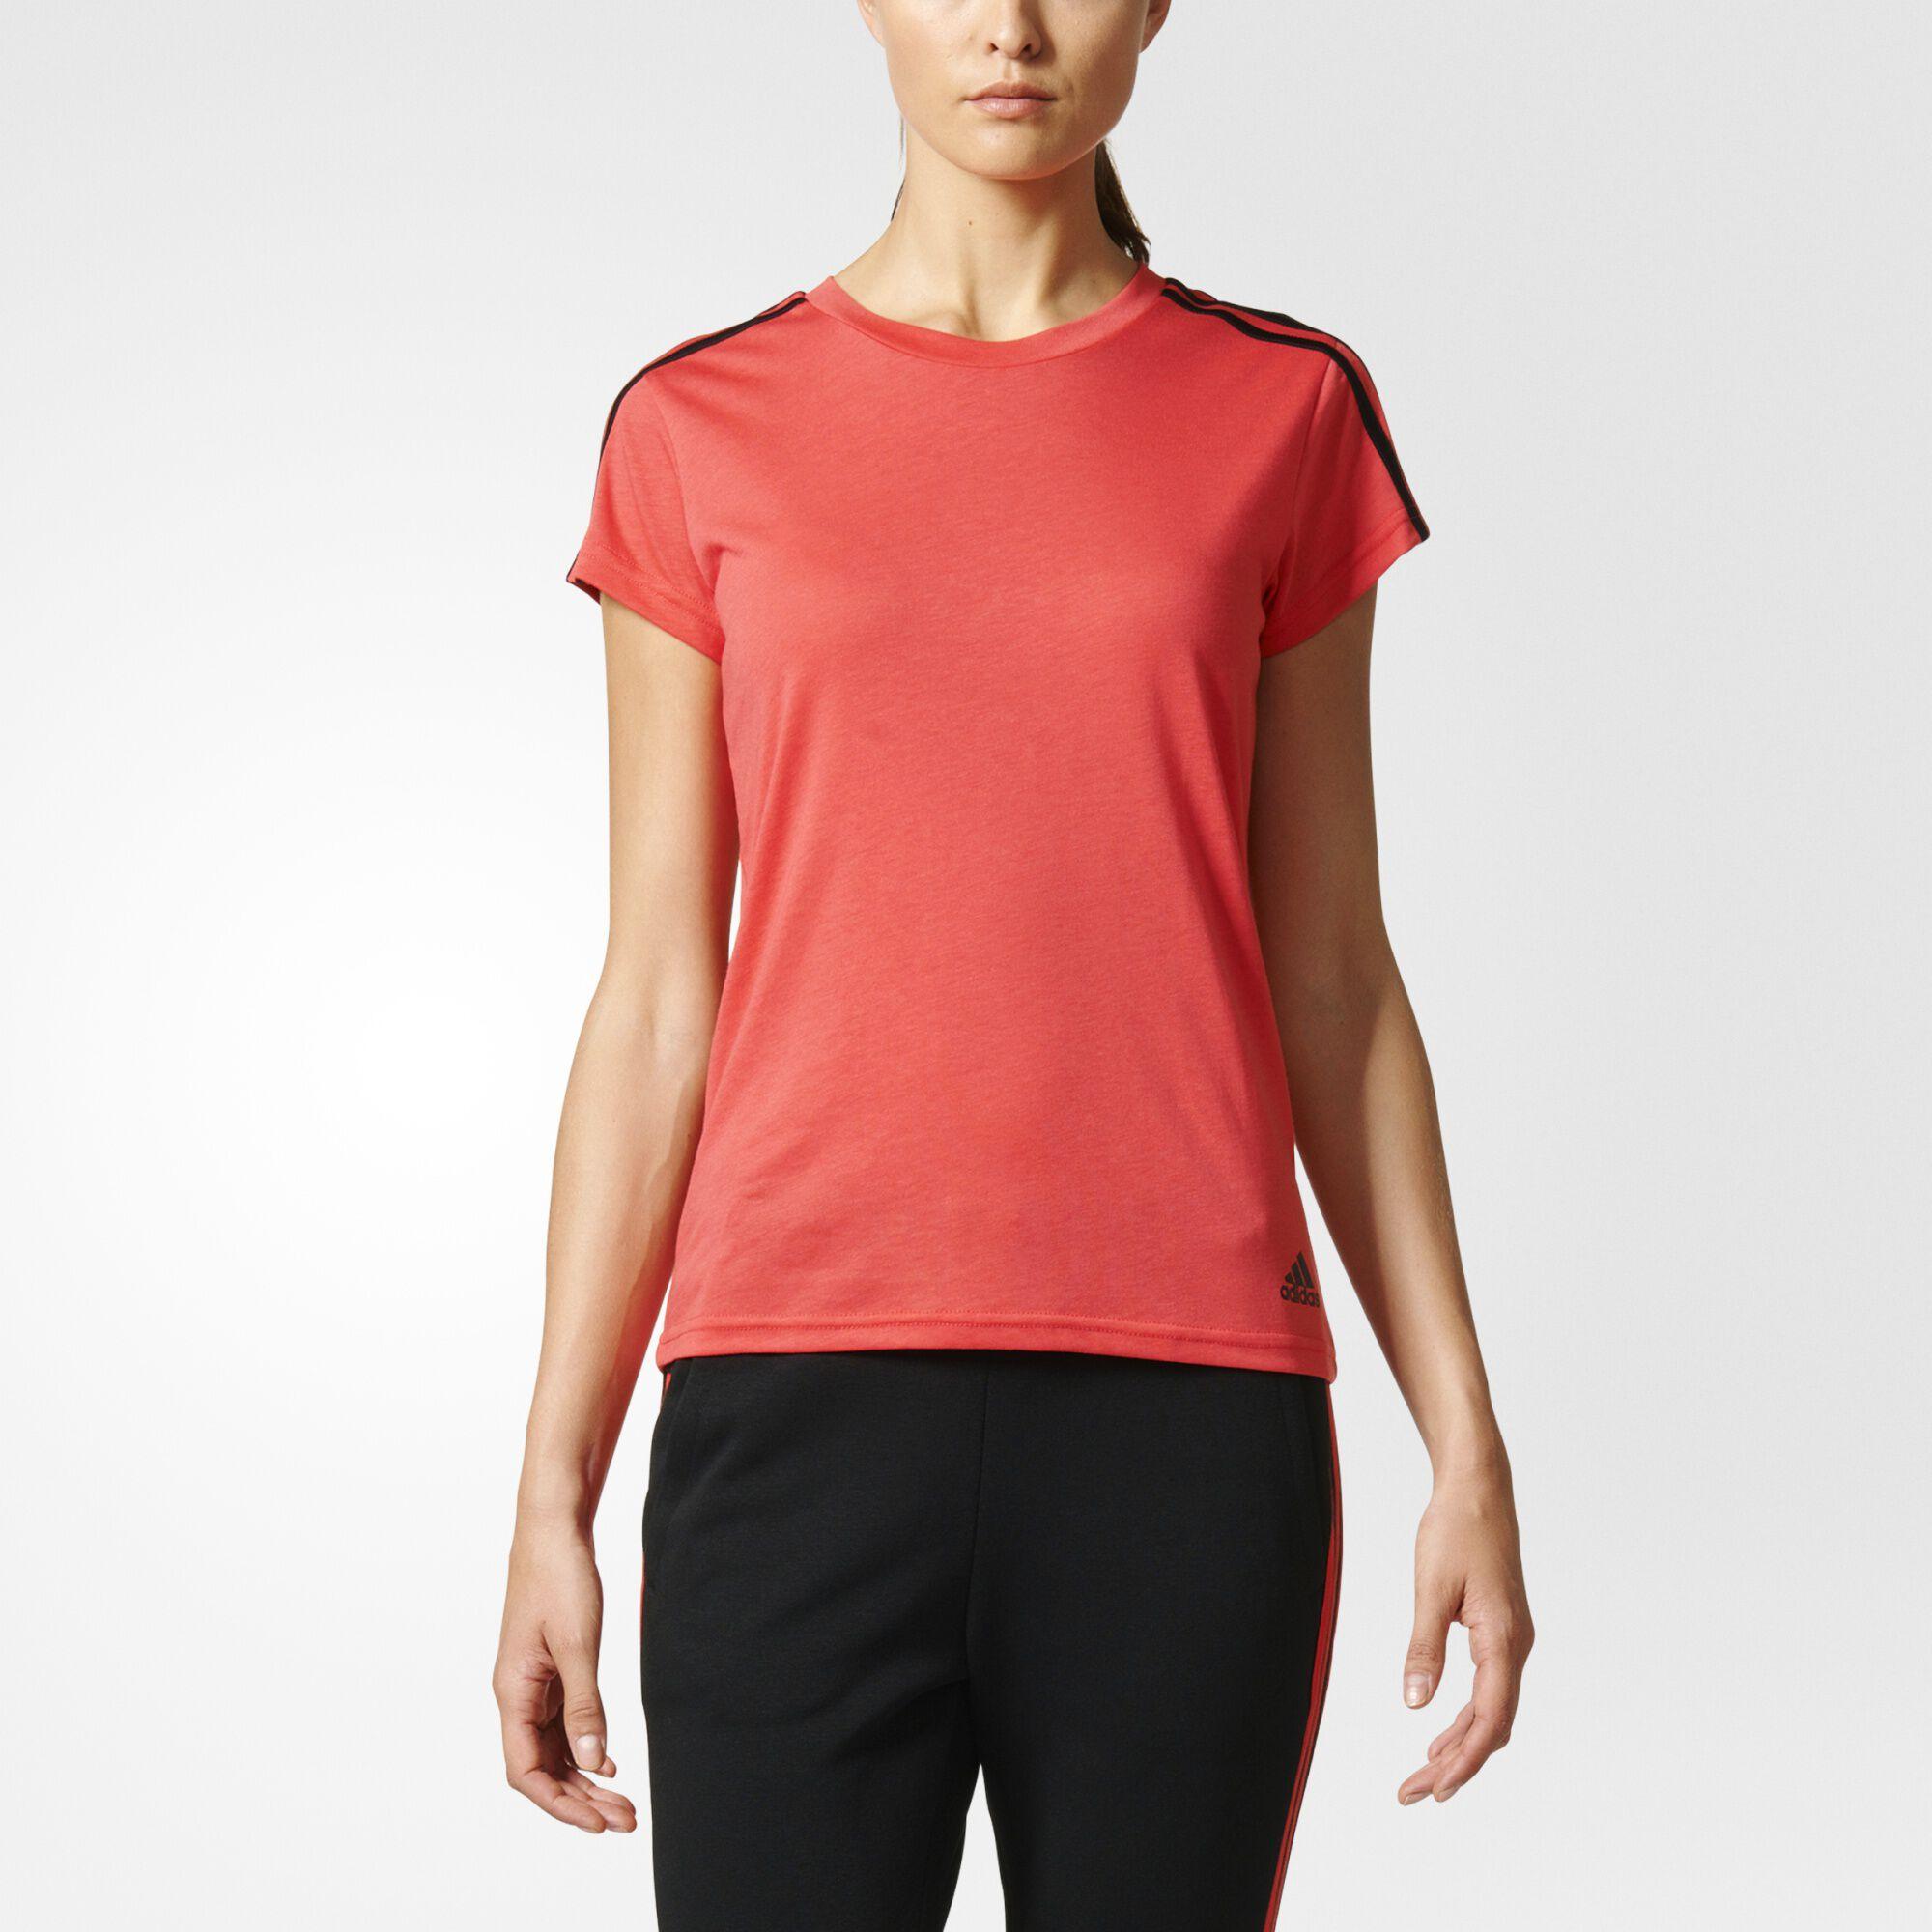 ropa deportiva para mujer adidas